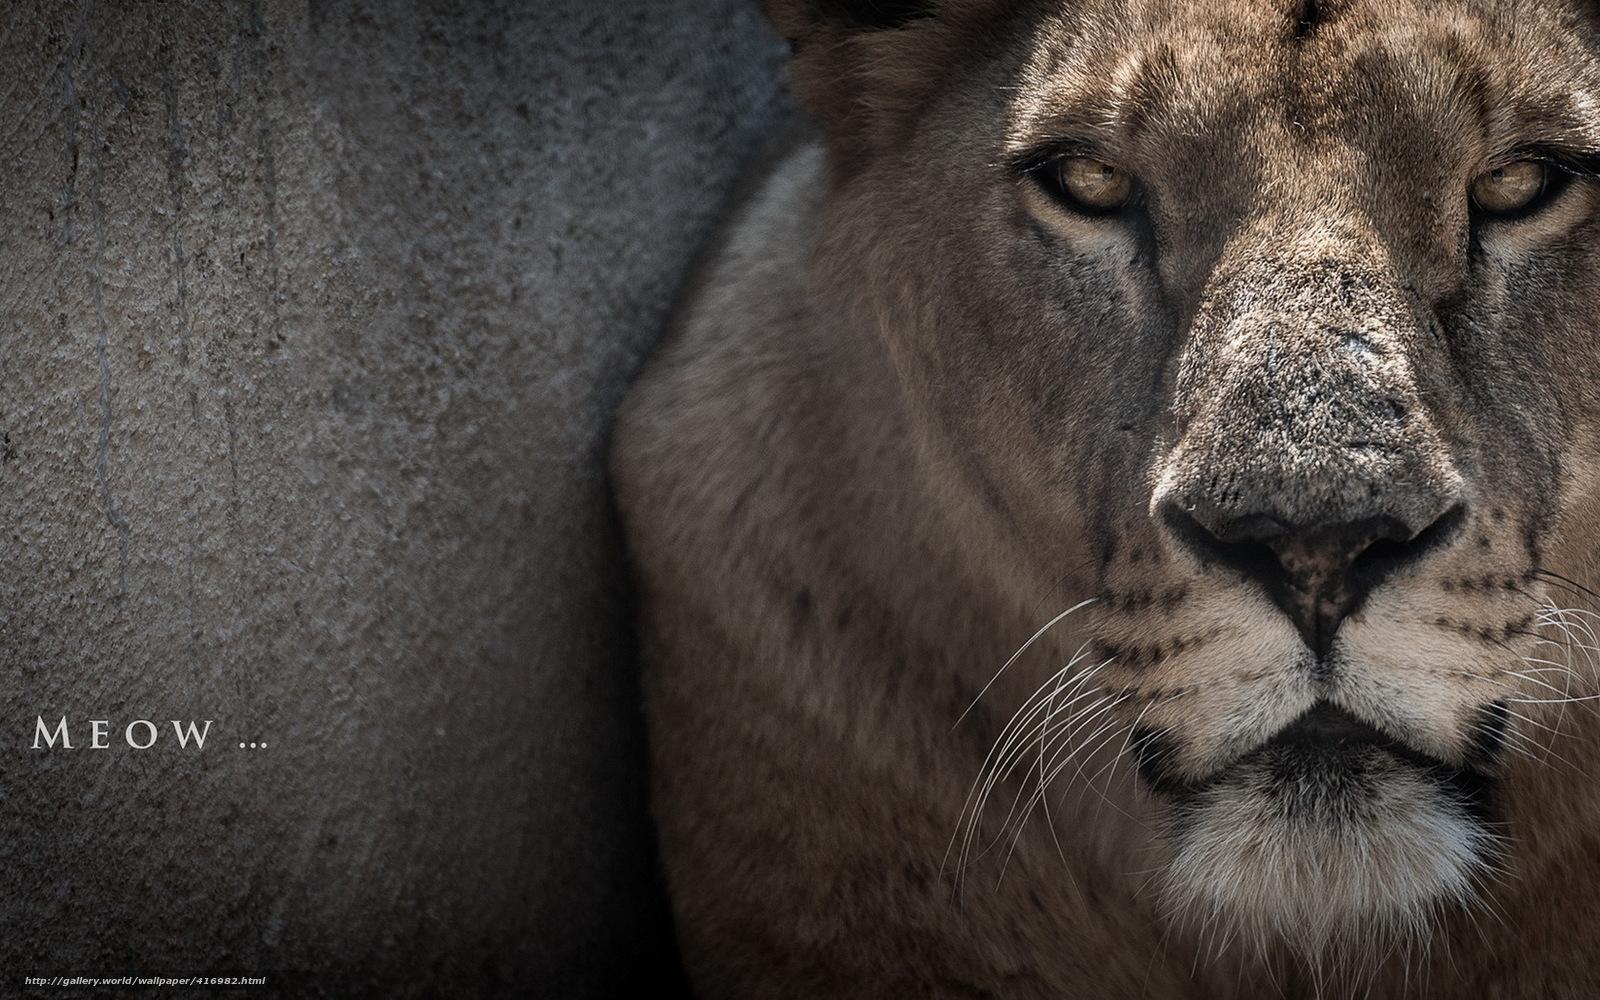 Scaricare gli sfondi gatto leone macro sfondi gratis per for Sfondi leone